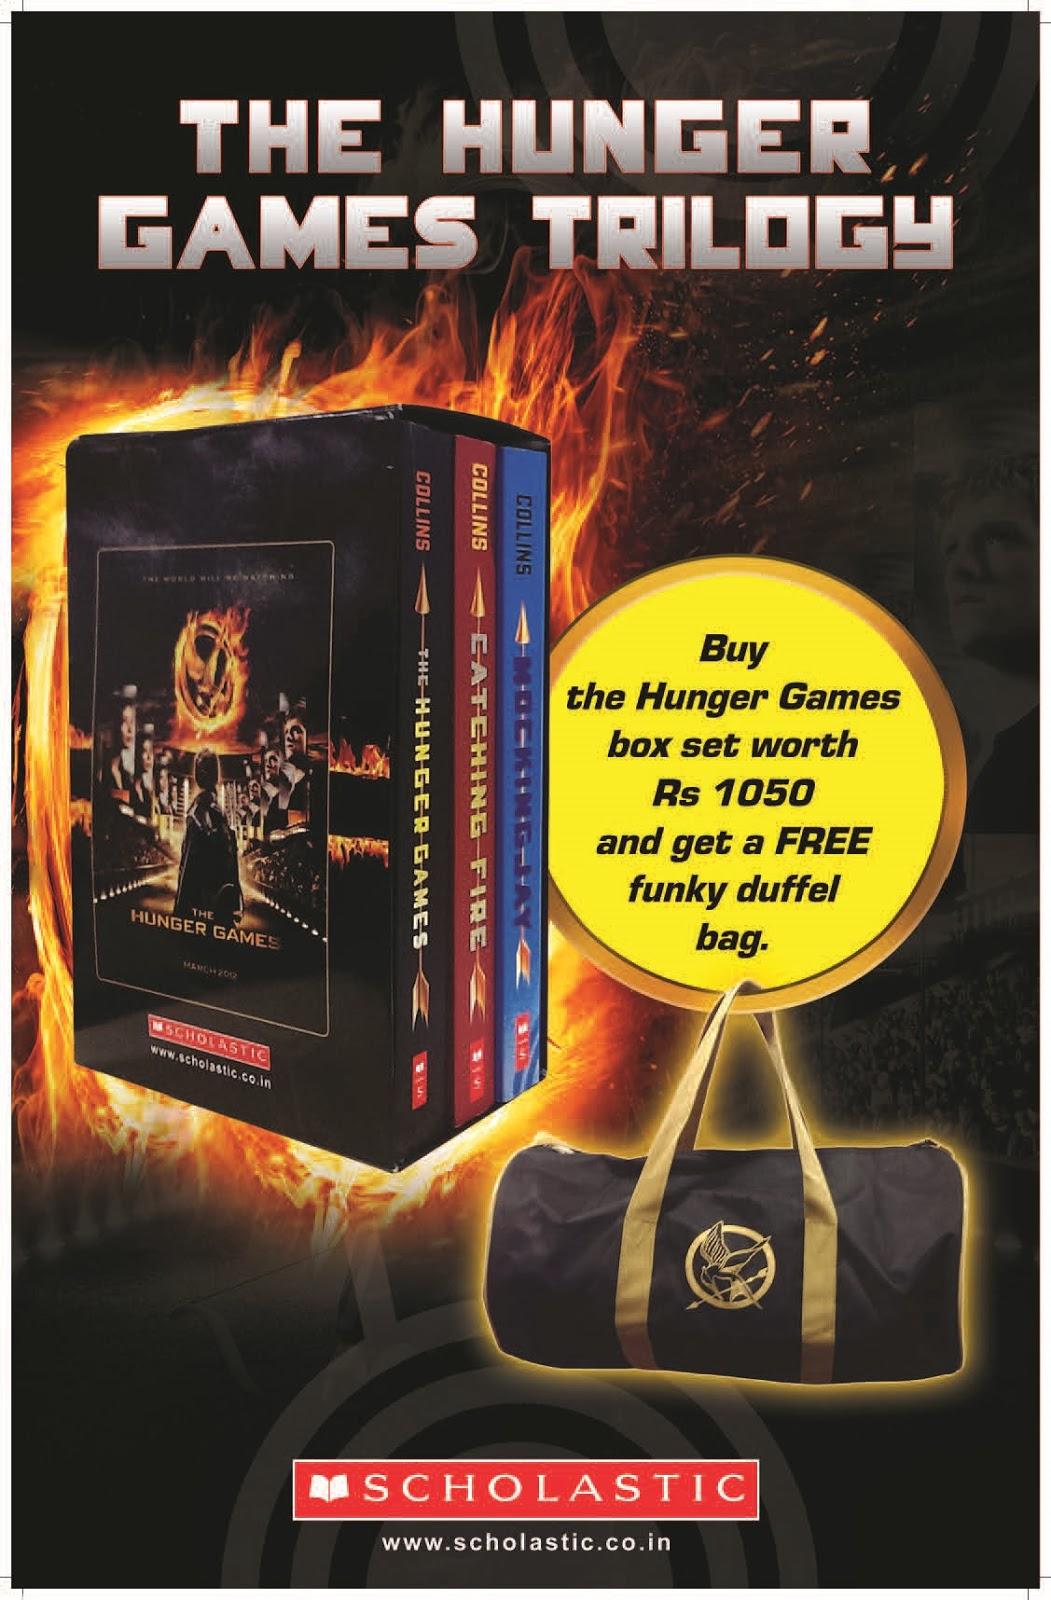 download page upadhye leading sharad circulating sharad in book sagar